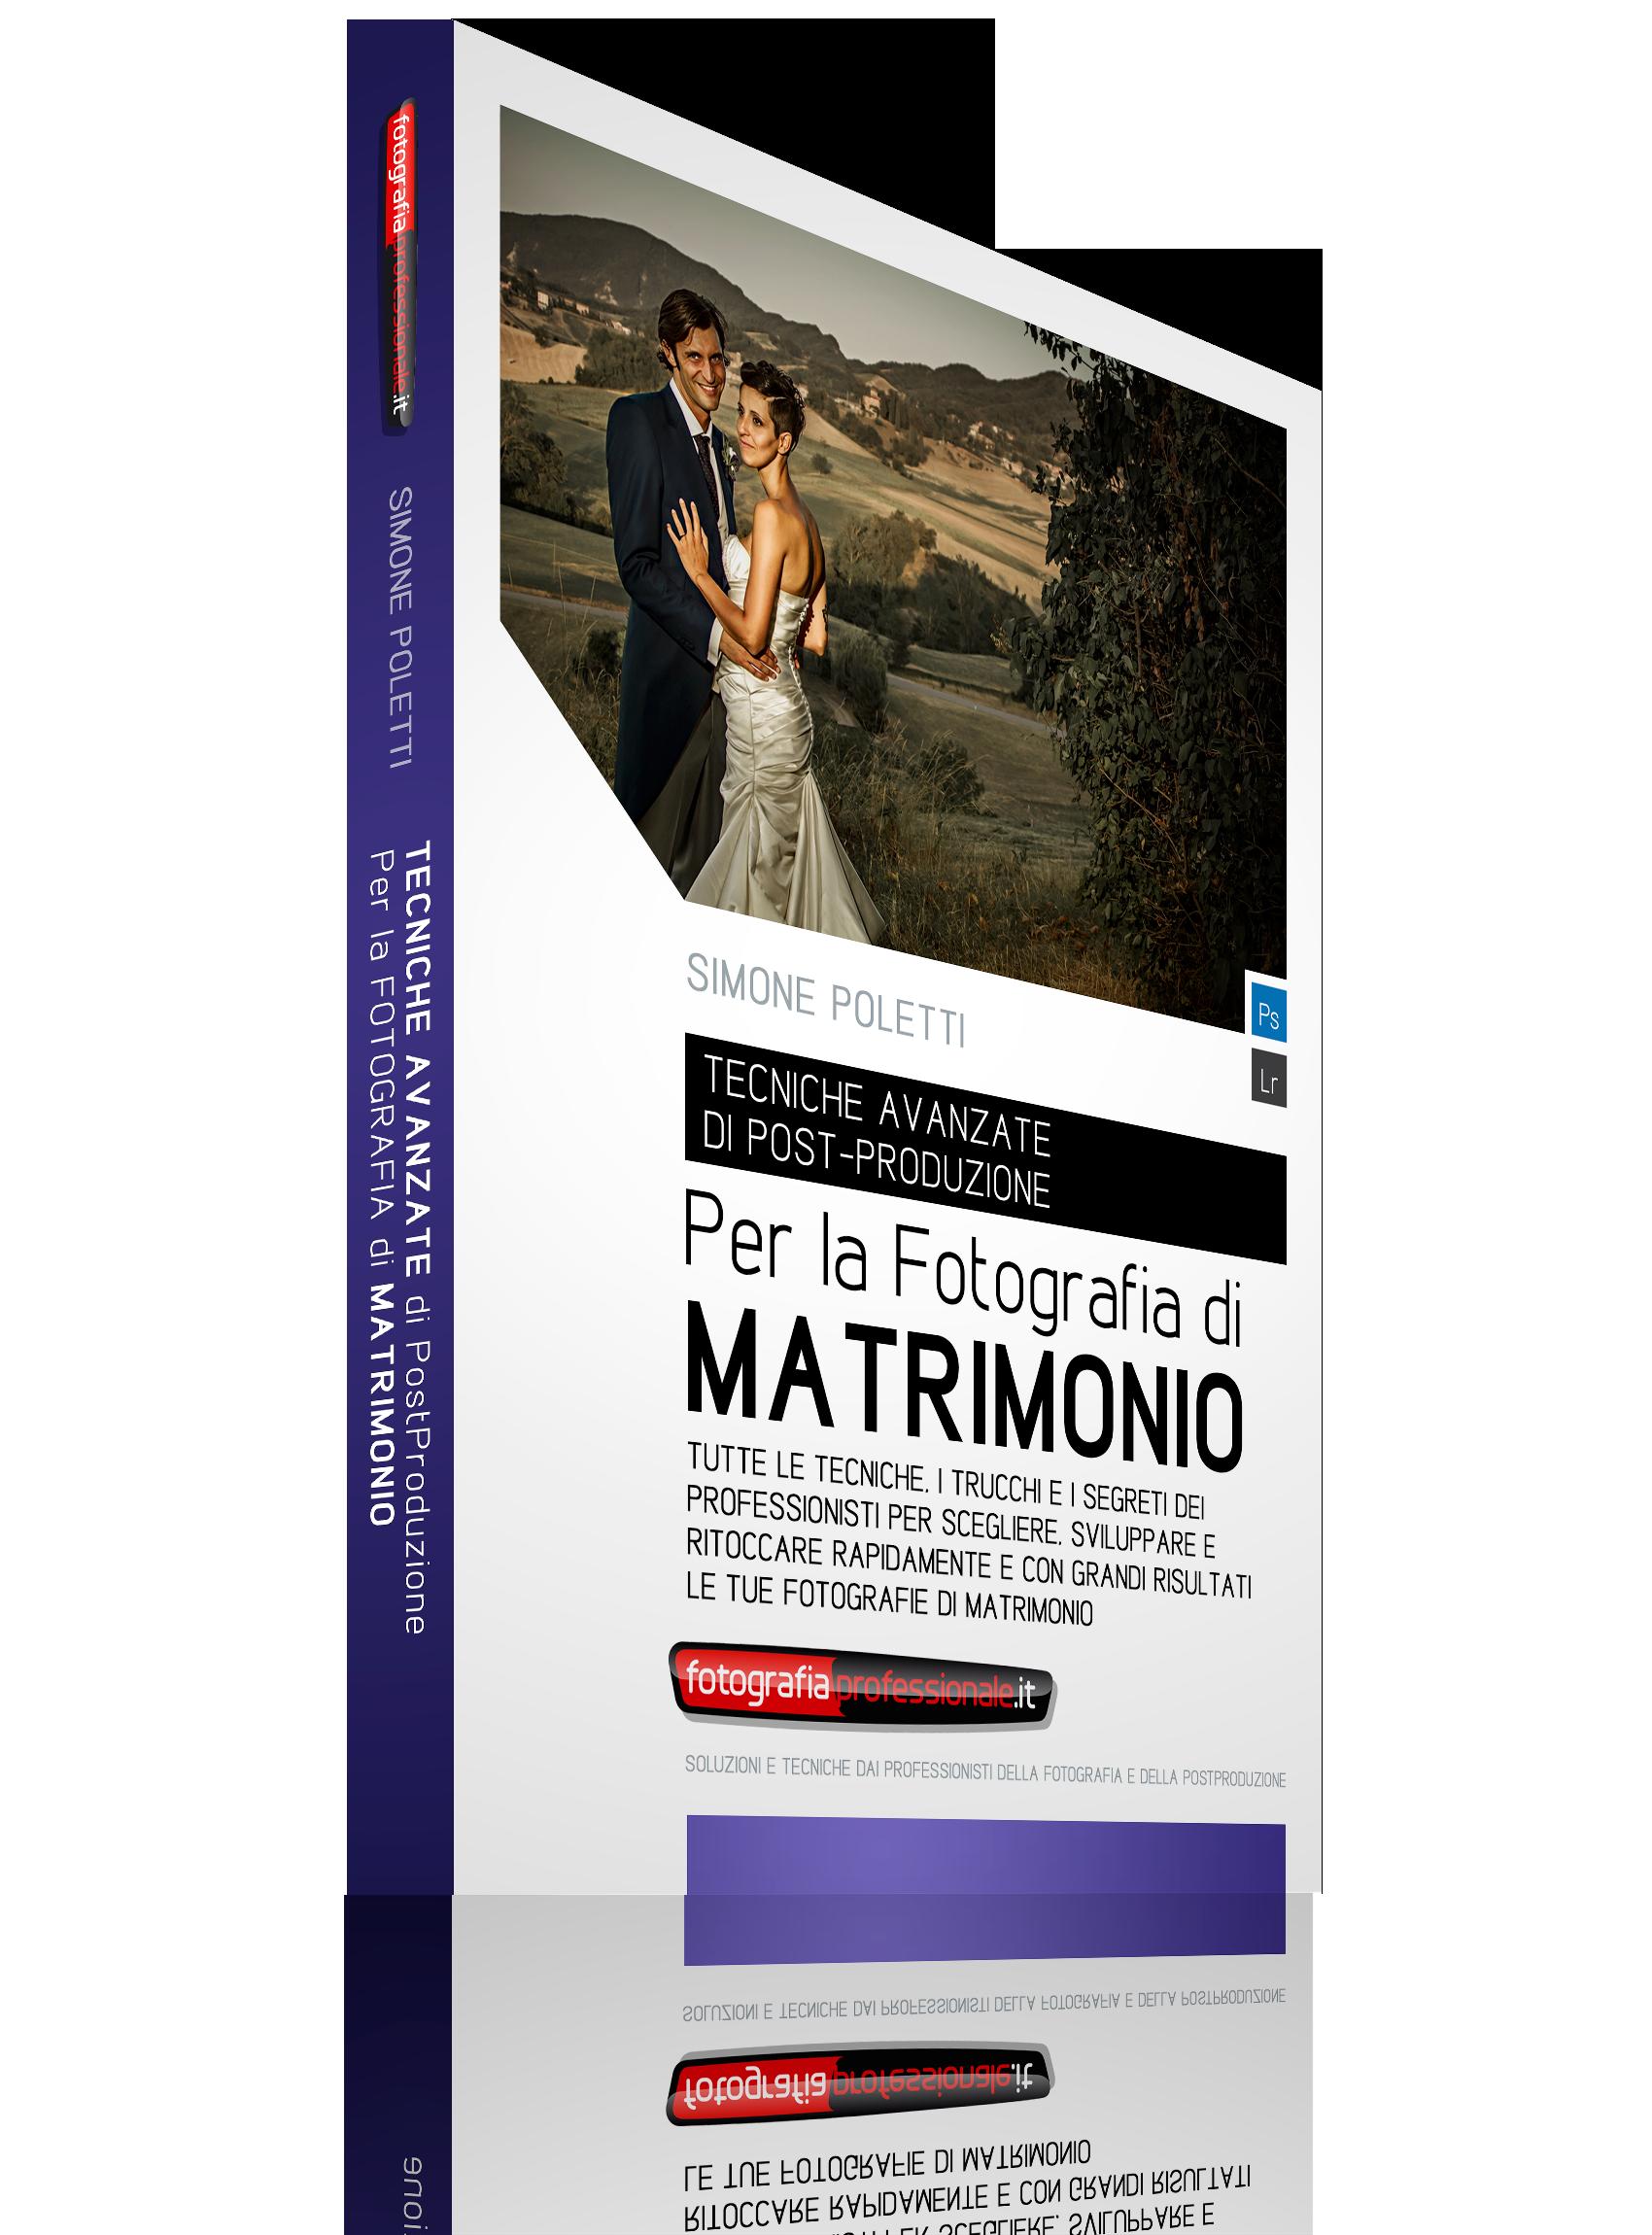 Tecniche Avanzate di Post-Produzione per la Fotografia di Matrimonio